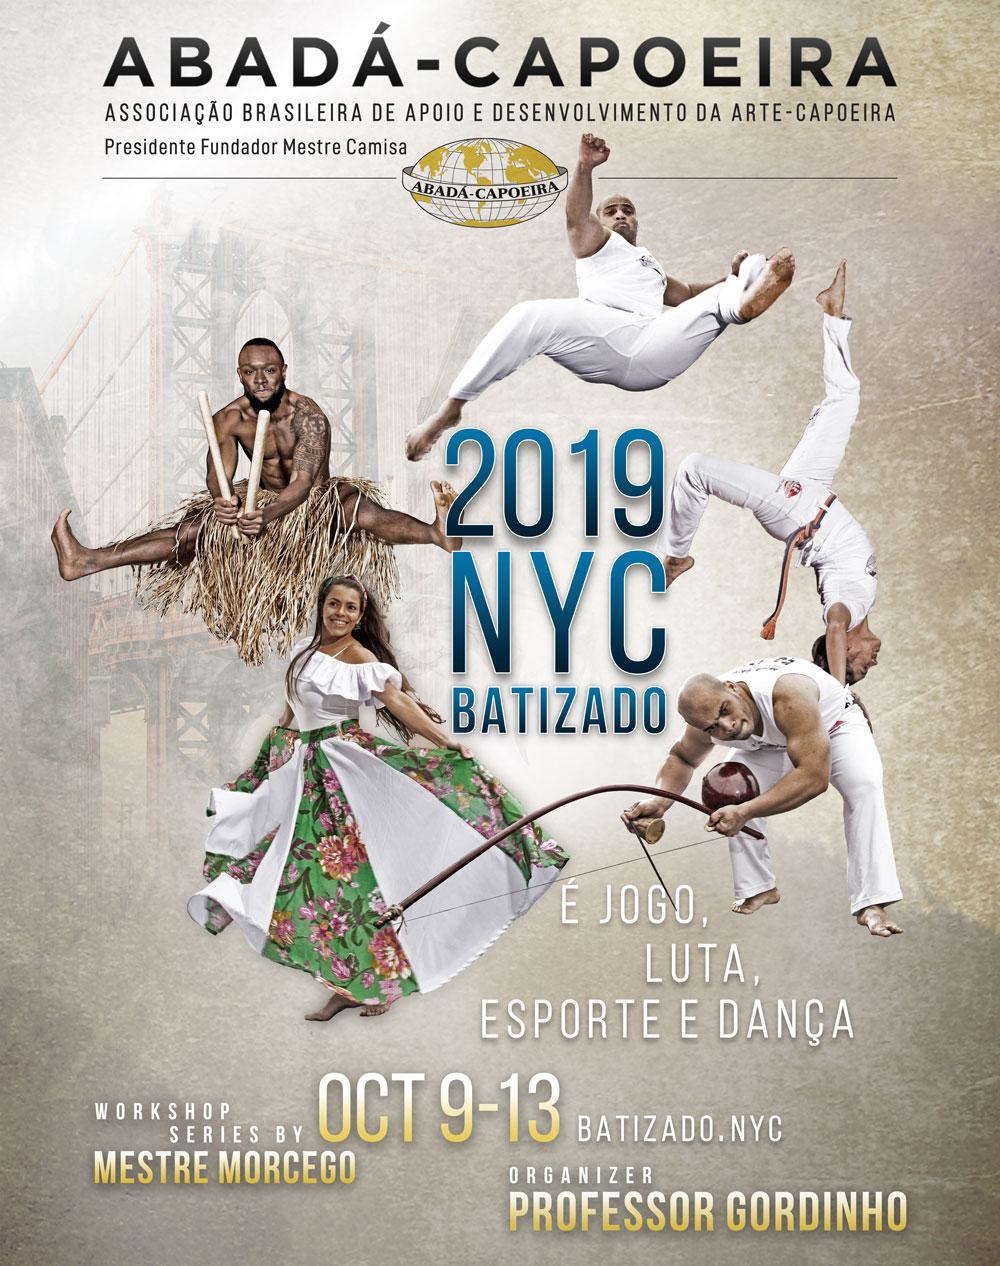 2019 NYC BATIZADO